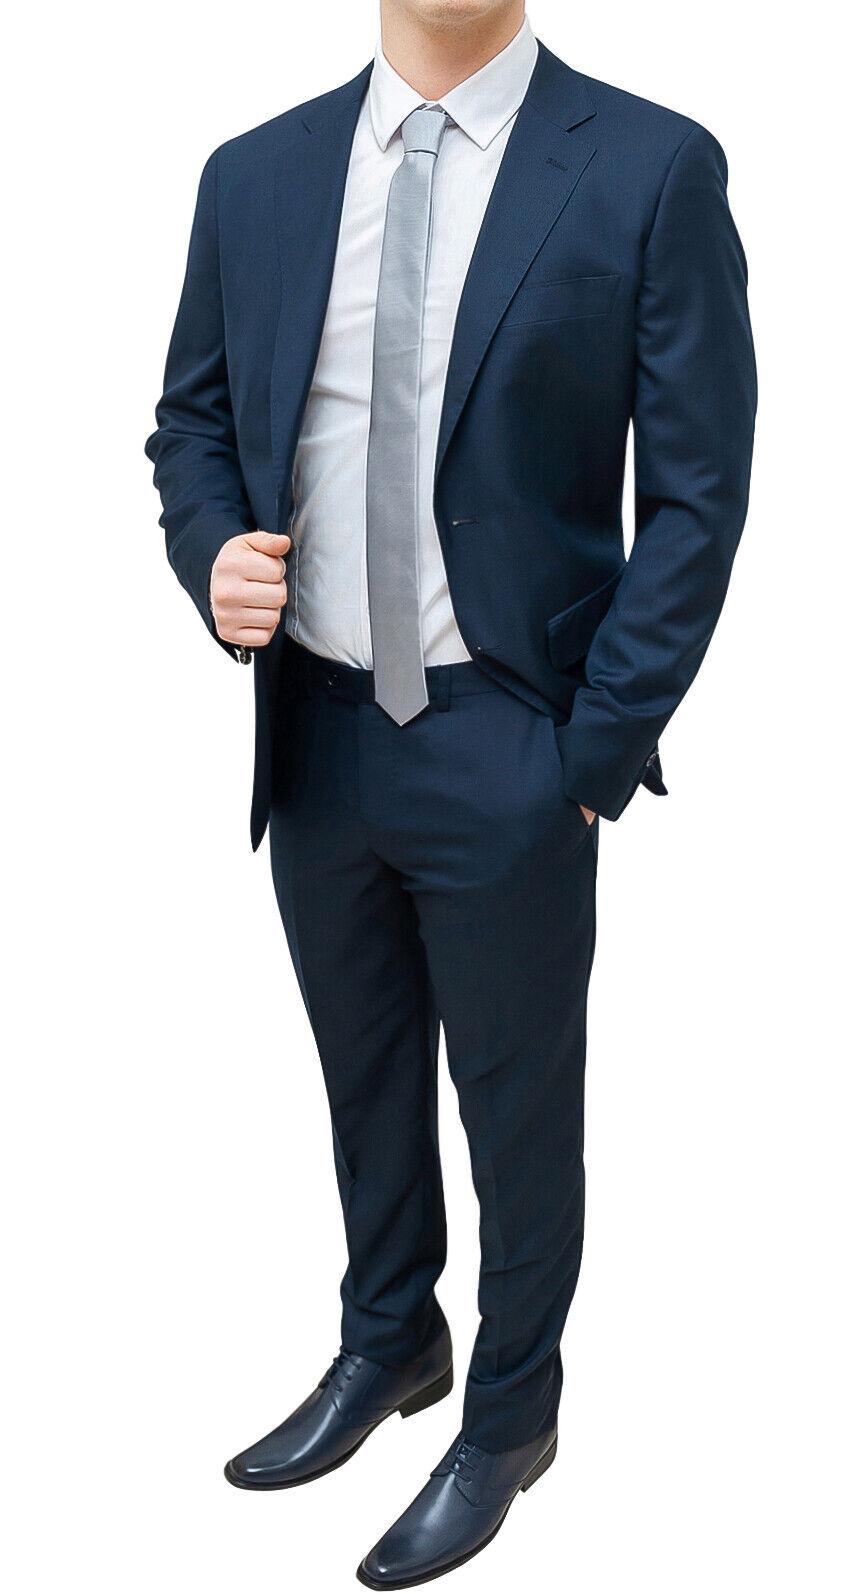 Traje hombre completo blue oscuro slim fit americana chaqueta con pantalones